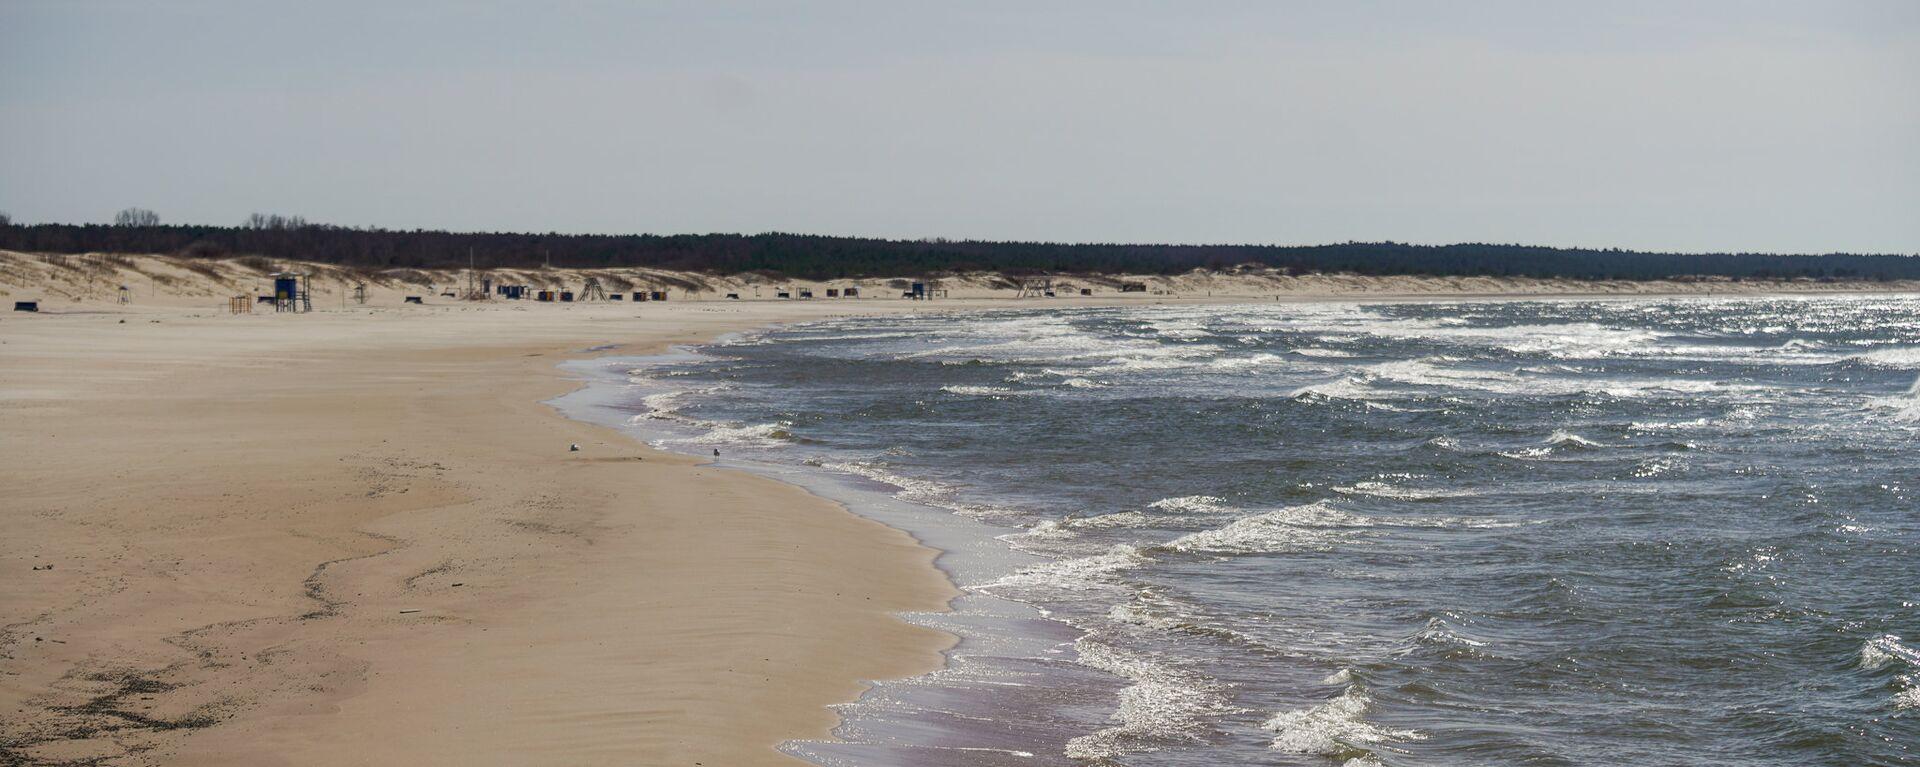 Пляж в Вентспилсе - Sputnik Латвия, 1920, 06.07.2018